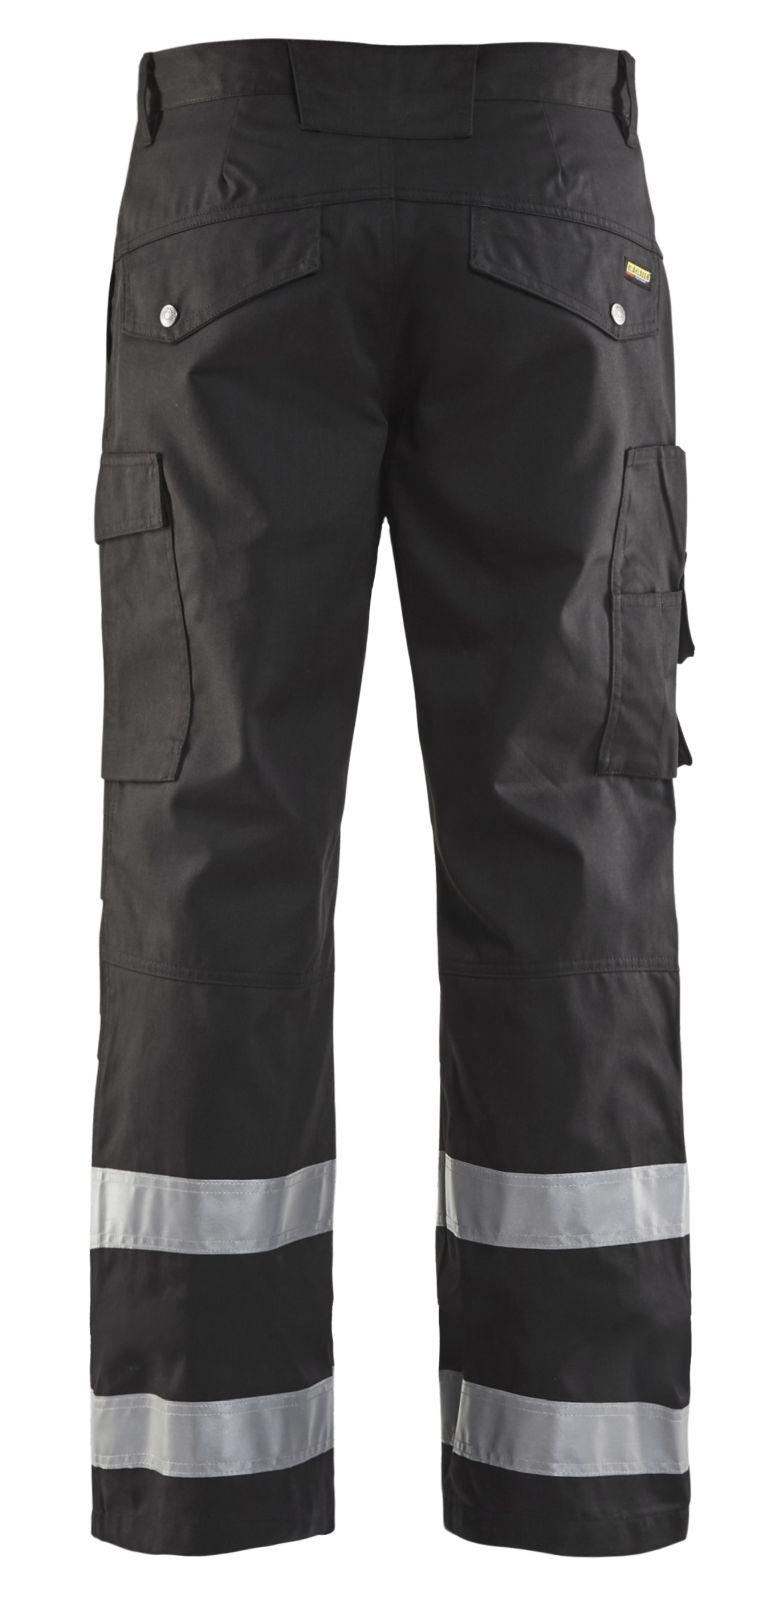 Blaklader Broeken 14511811 zwart(9900)